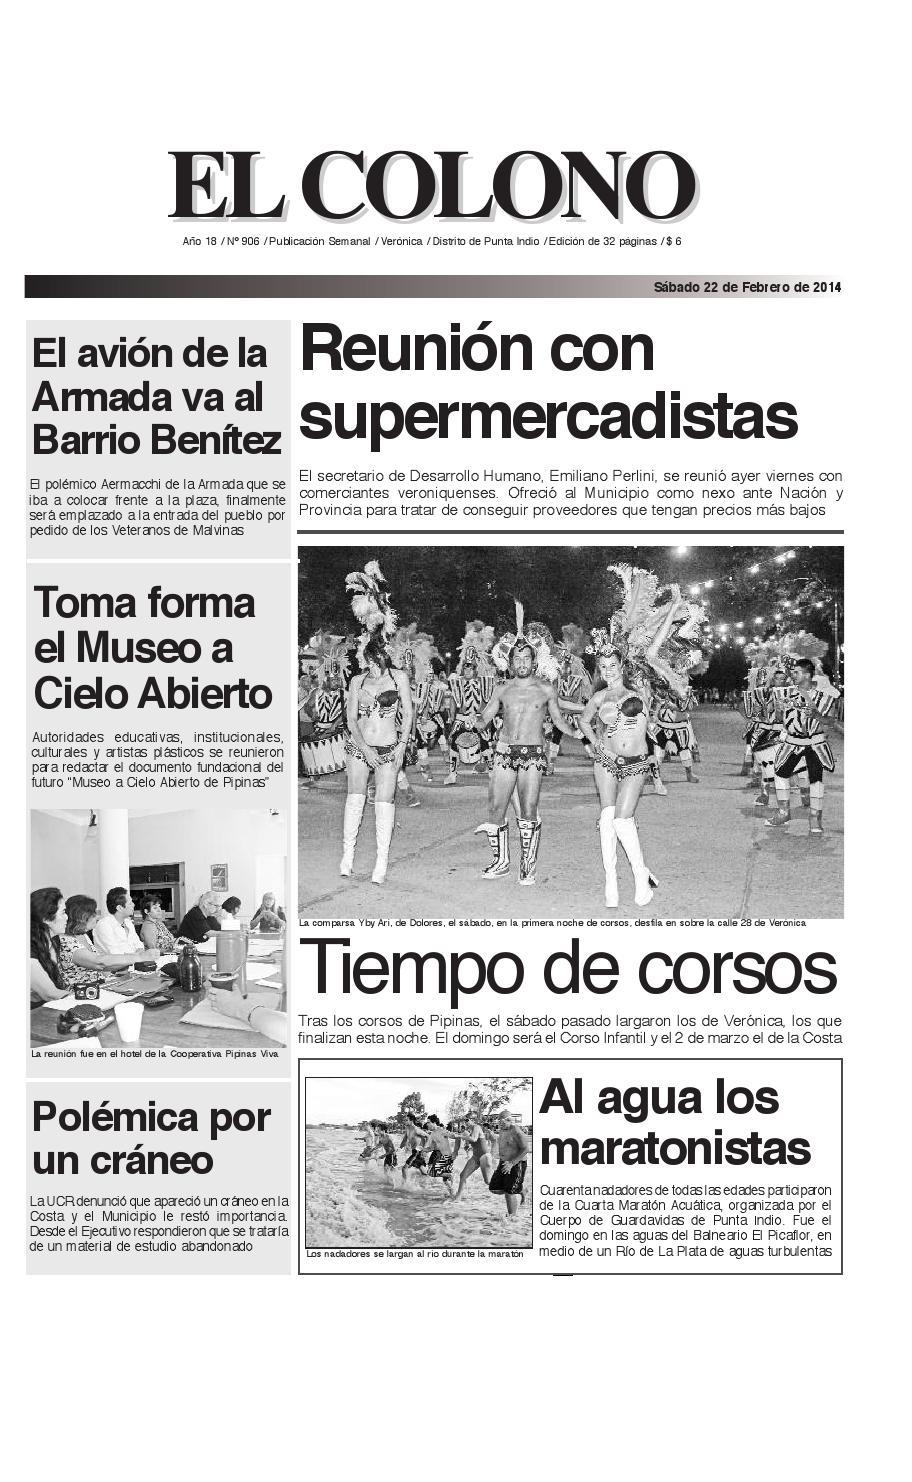 el-colono-22-02-14-de-24_el-colono-25-7-09-en-24 by El Colono de ...